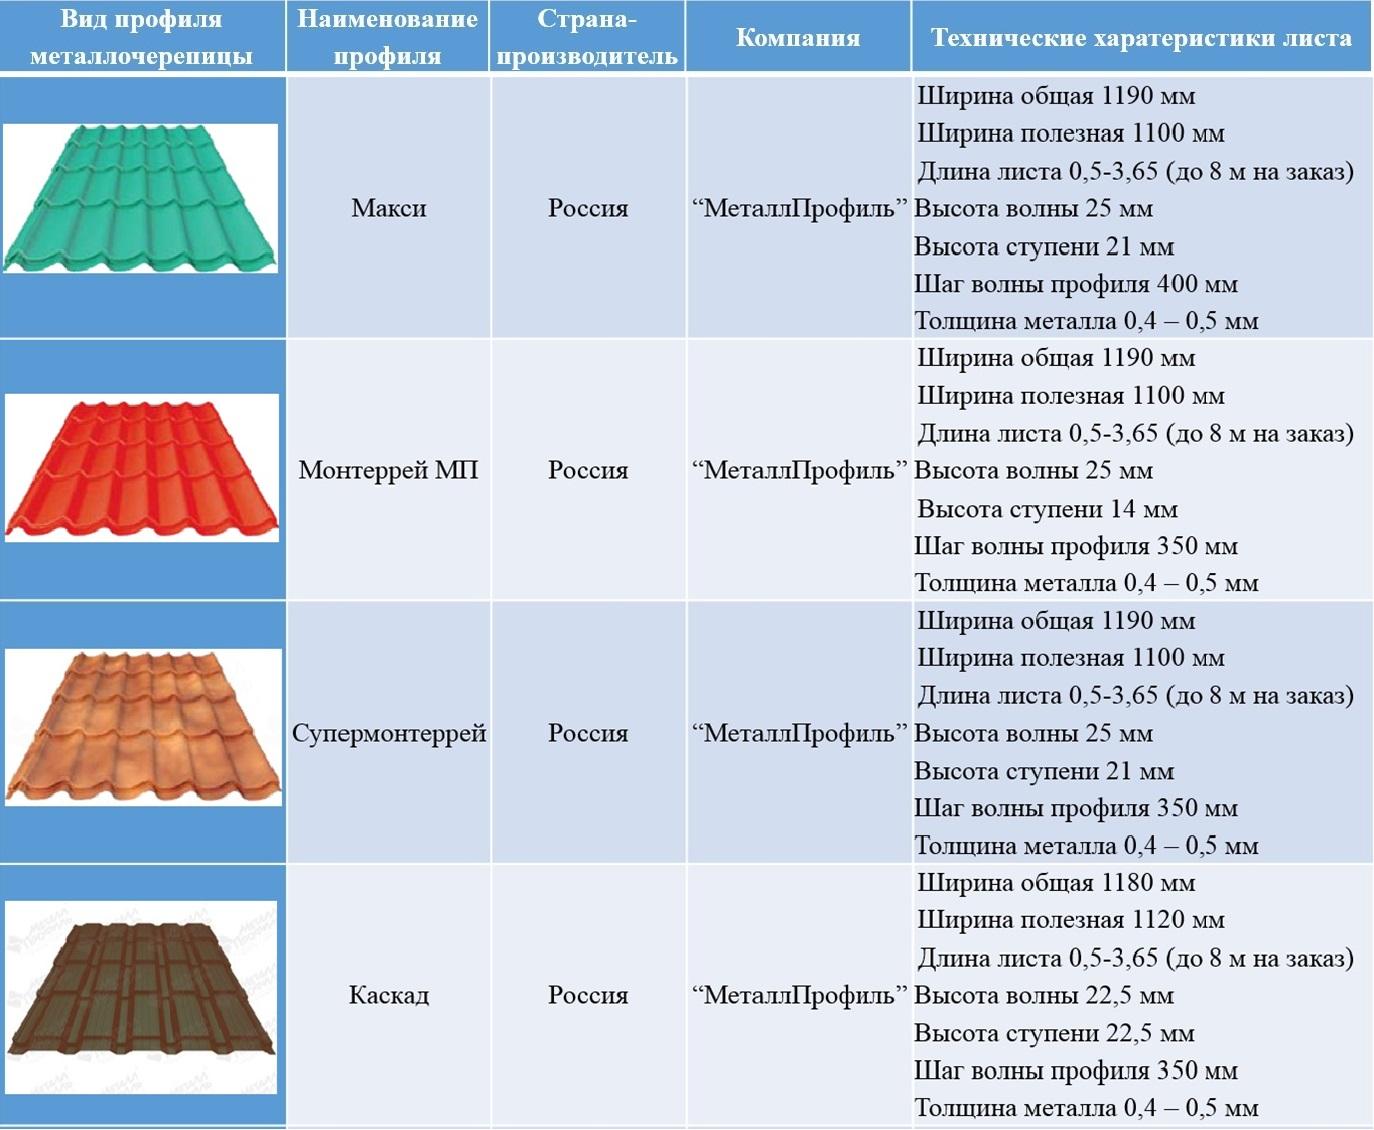 максимальная длина металлочерепицы